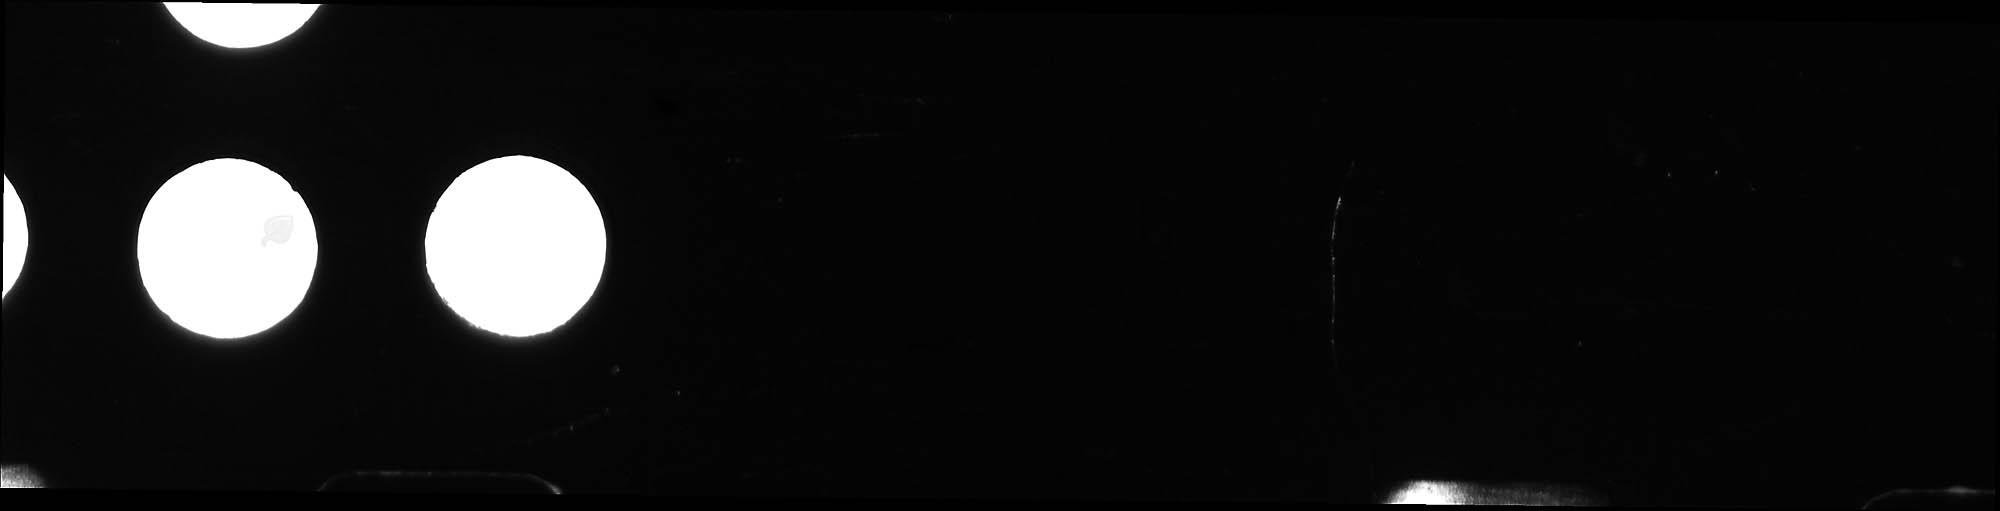 Titre: Arrivées par la frontière, 1908-1918 - N° d'enregistrement Mikan: 179161 - Microforme: t-5481